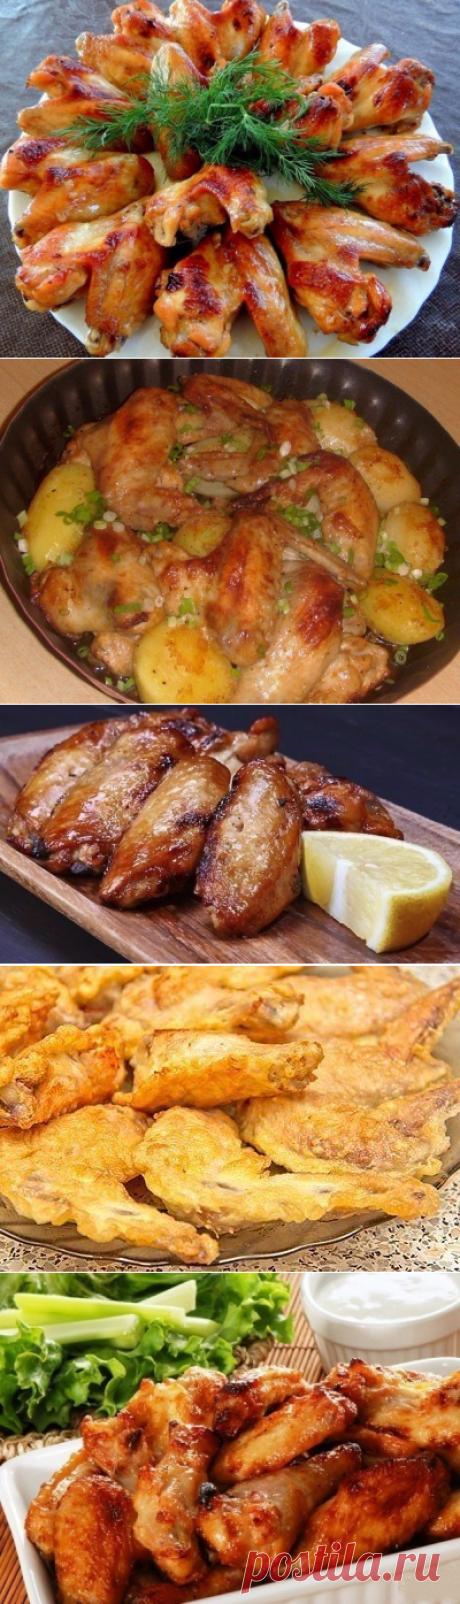 Готовим куриные крылышки — 10 лучших рецептов! — Едим дома